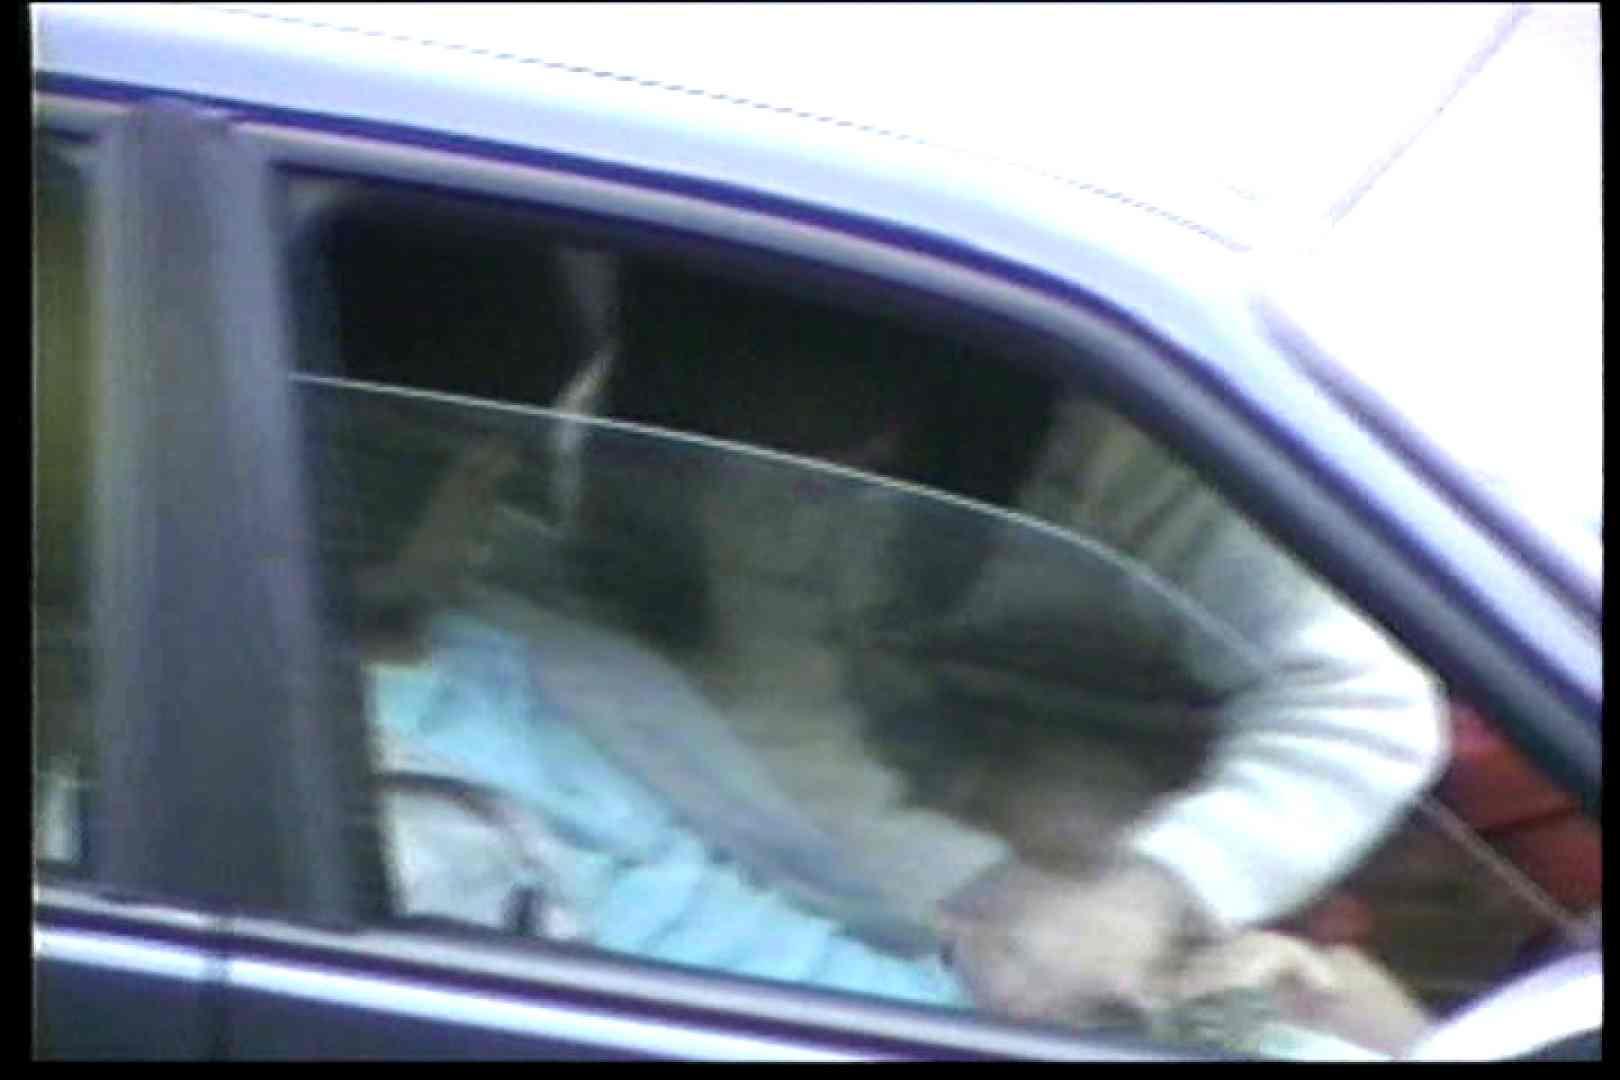 車の中はラブホテル 無修正版  Vol.12 エッチなセックス 盗撮動画紹介 93画像 35